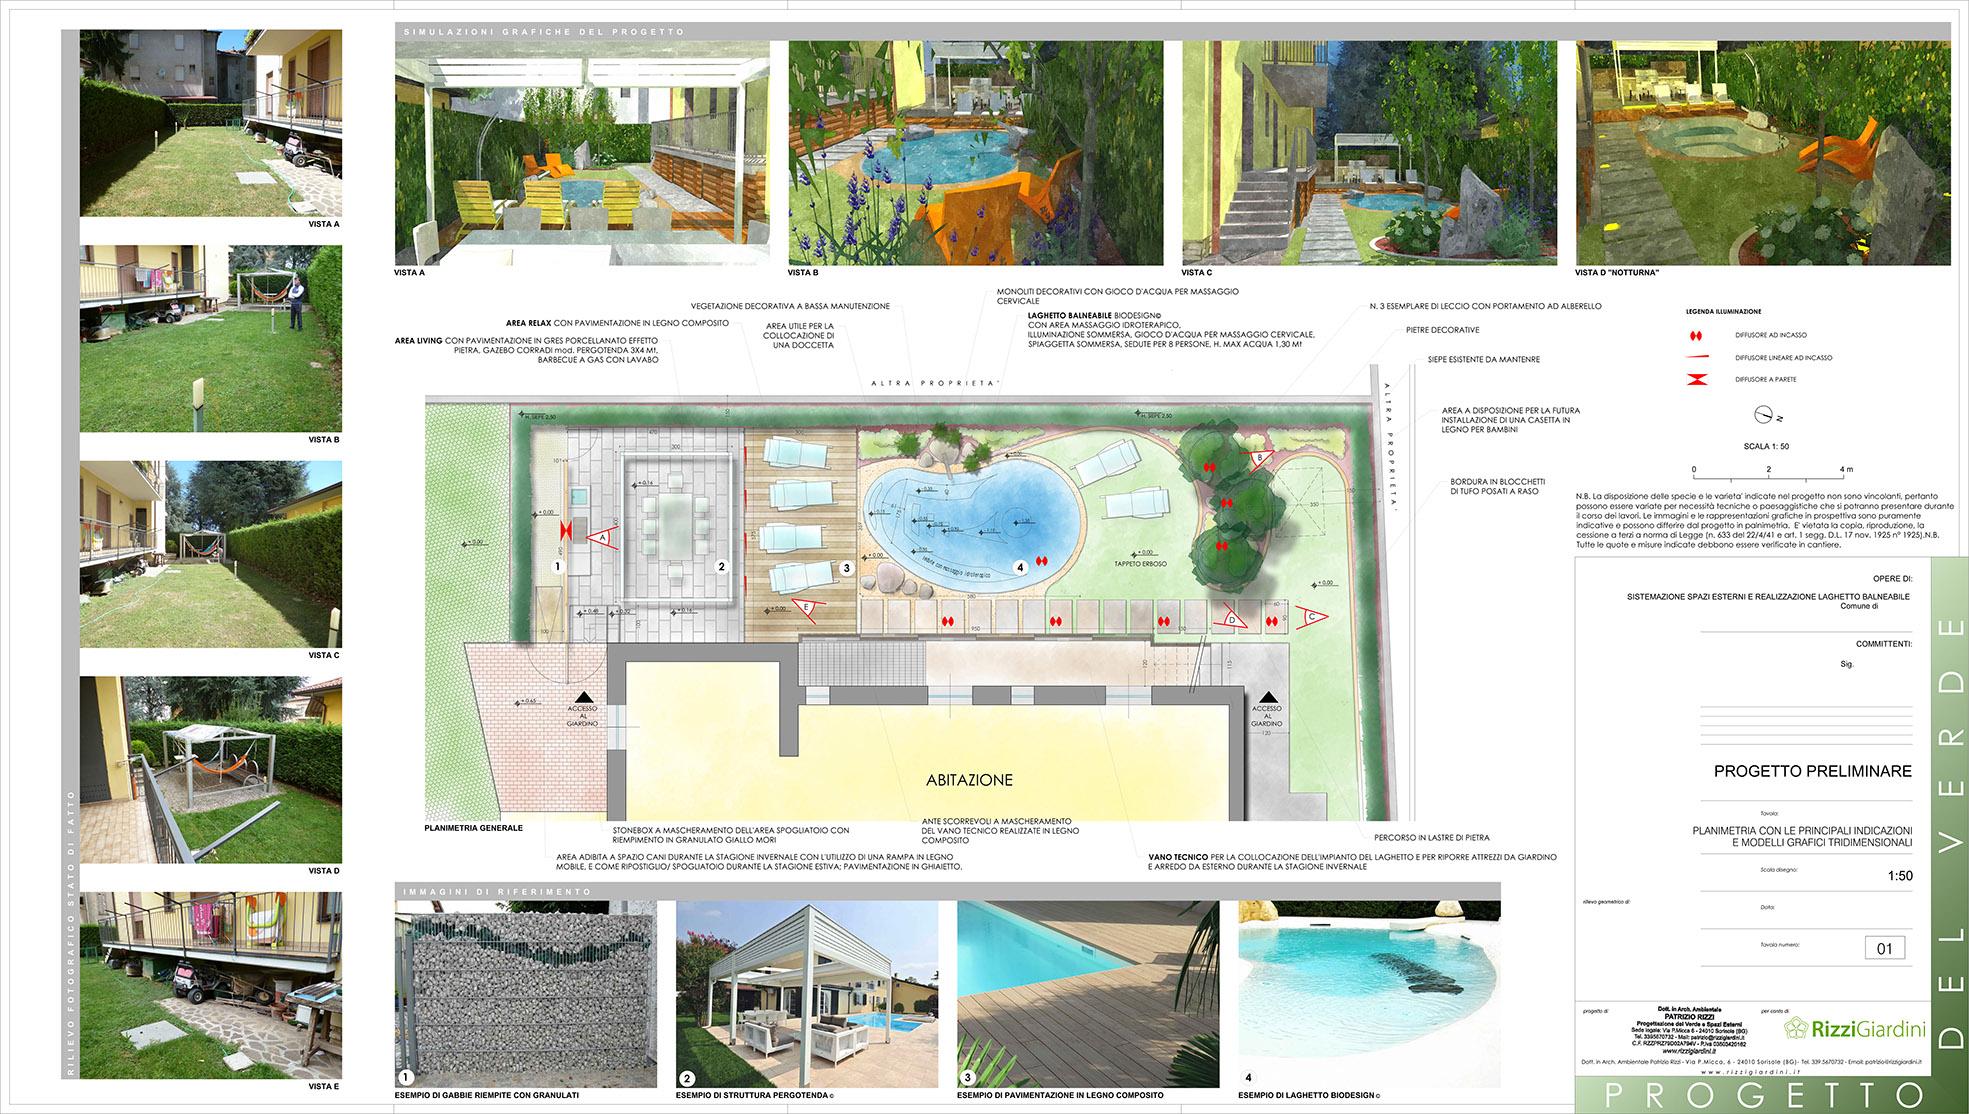 Laghetto balneabile progetto giardino privato - Progetto giardino privato ...